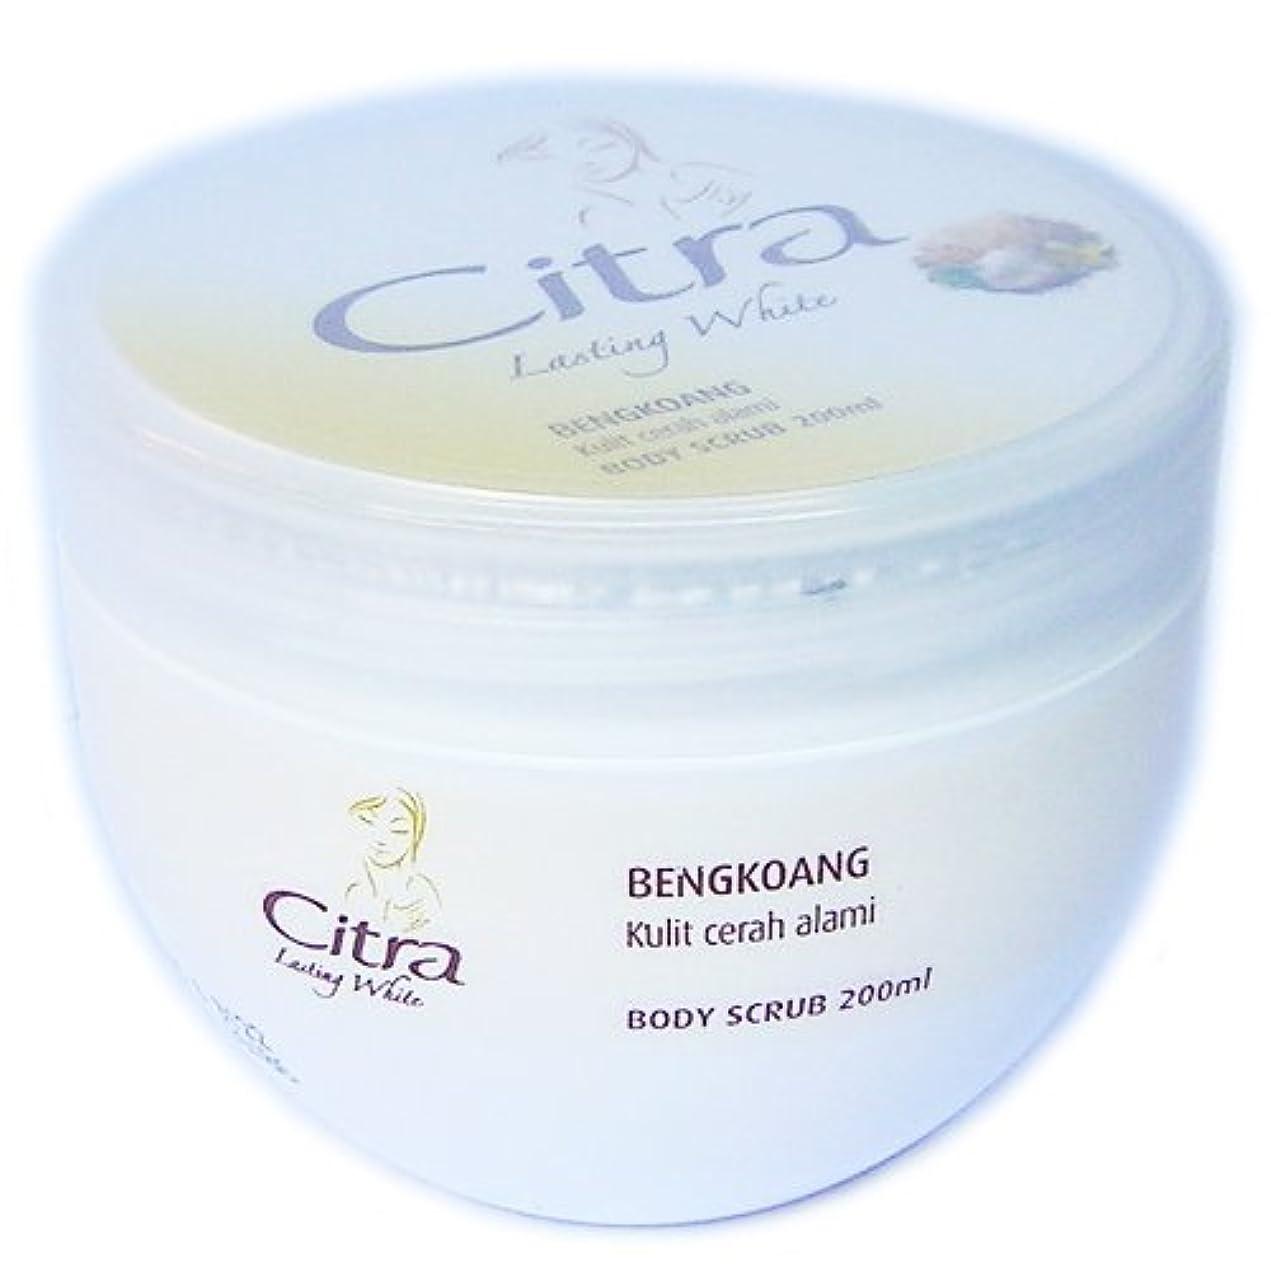 Citra(チトラ) ボディスクラブ 200ml [並行輸入品][海外直送品]ブンコアン